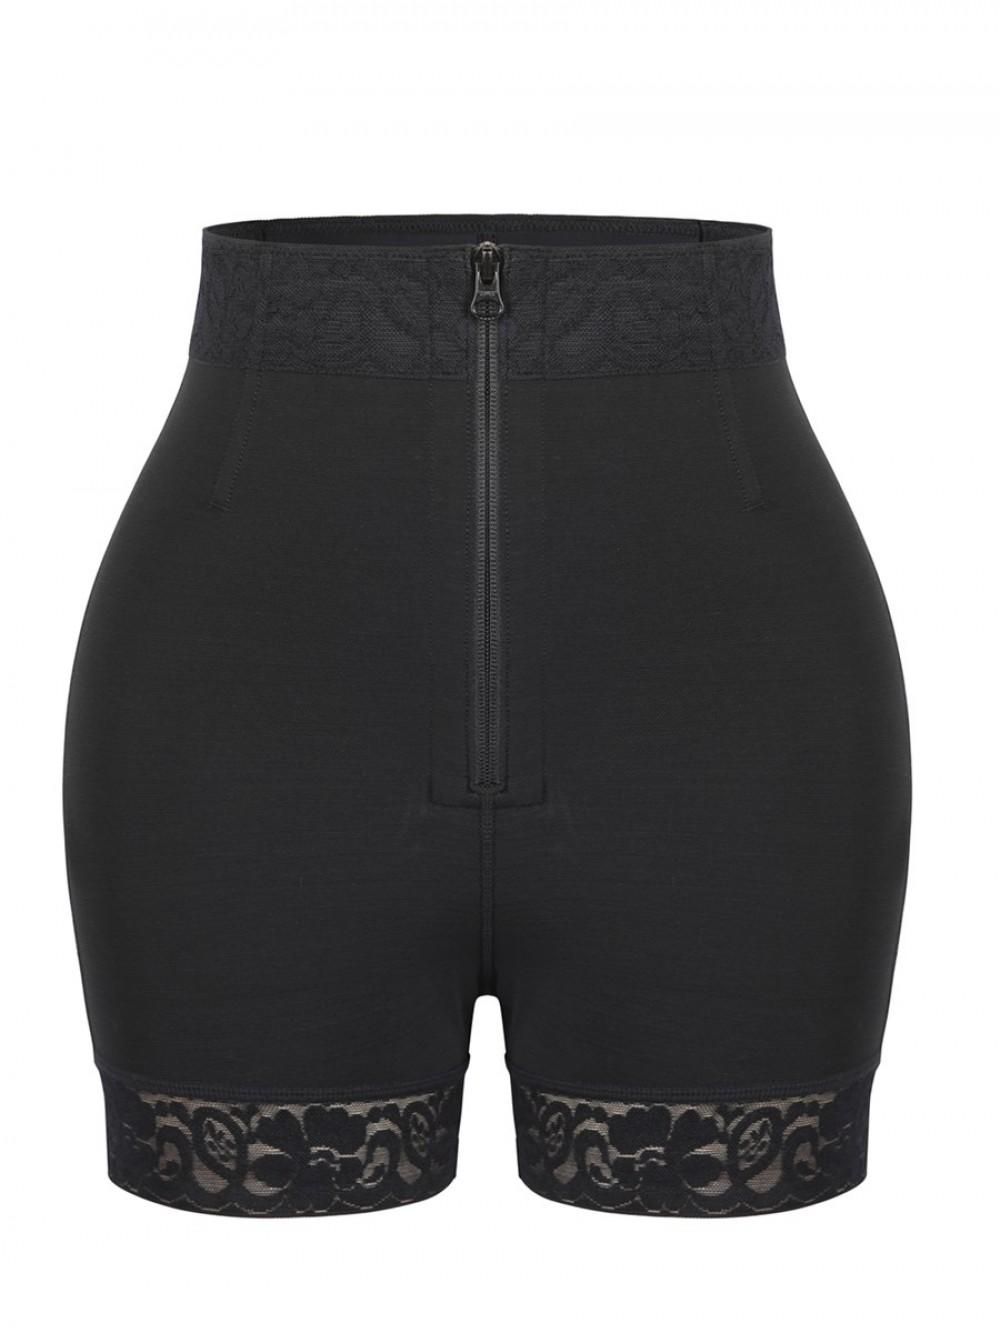 Black Front Zipper Butt Lifter Shorts High Waist Hourglass Figure